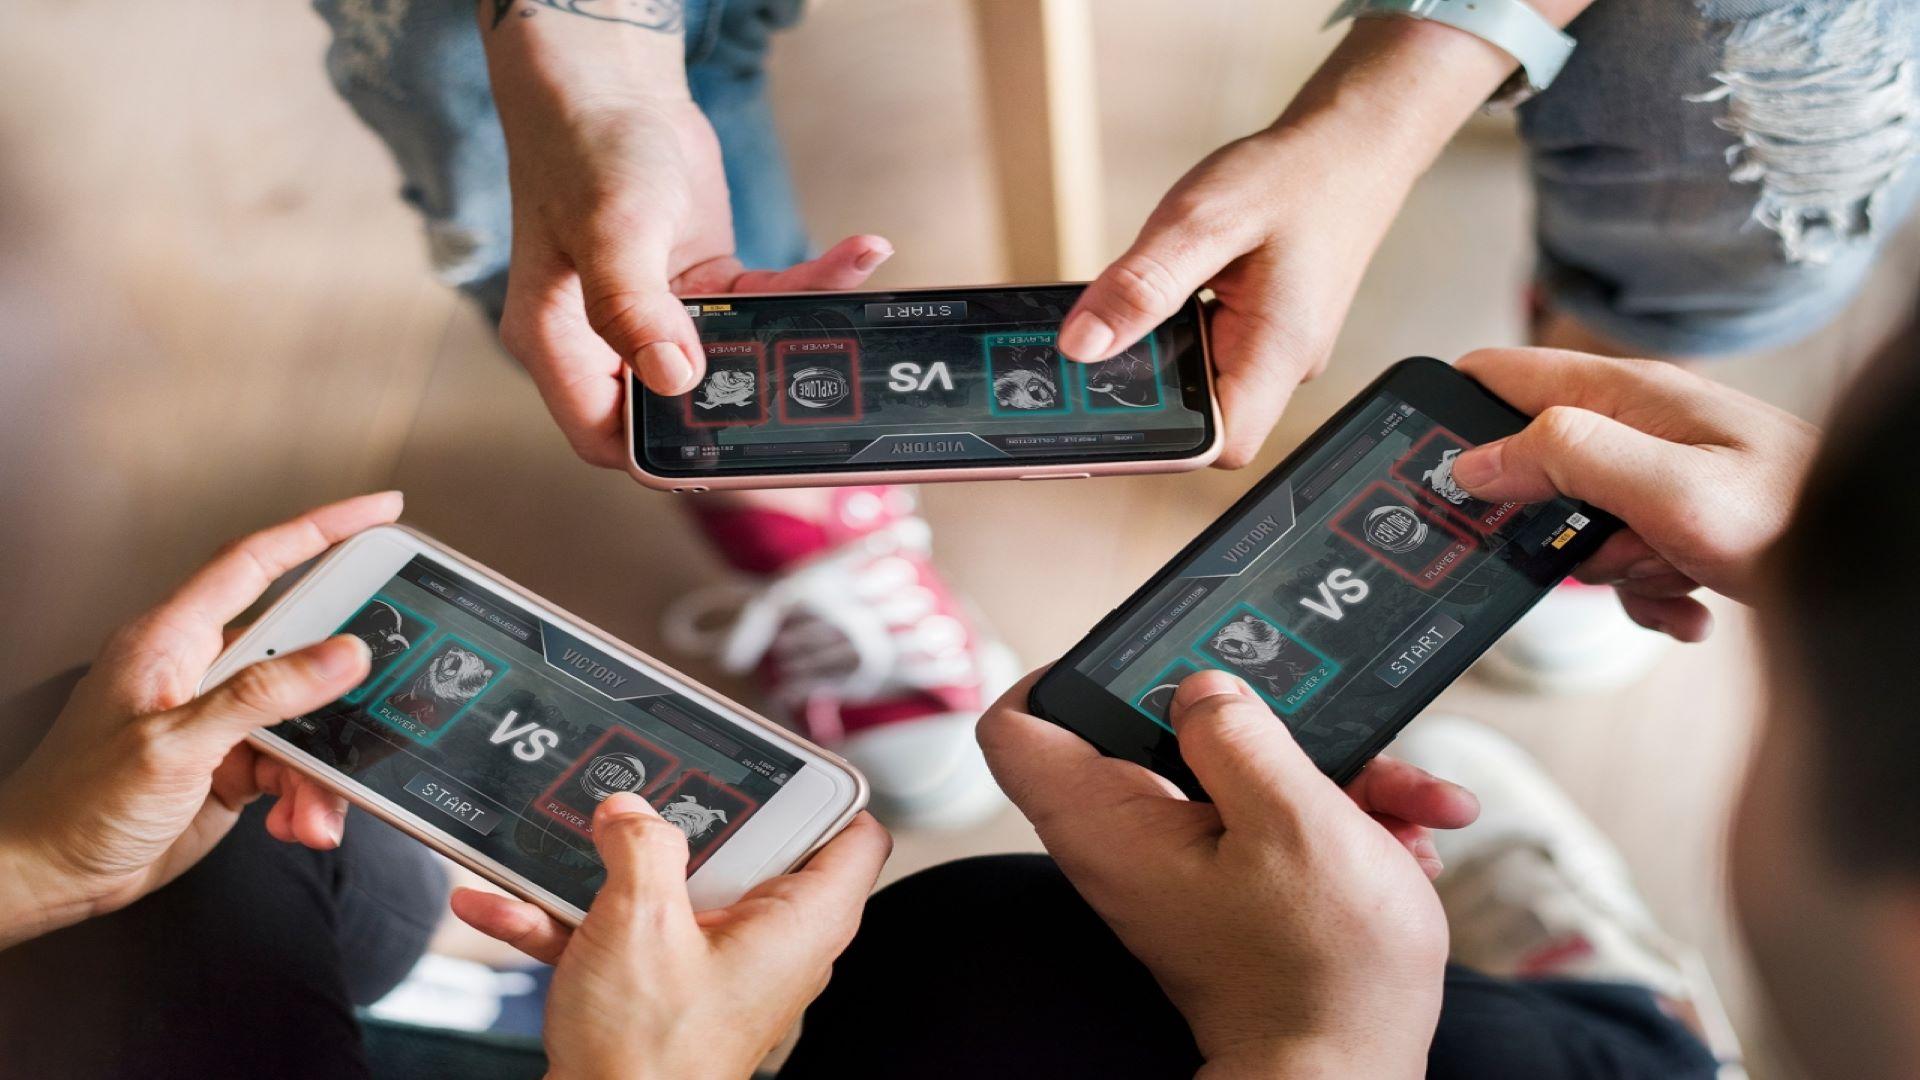 消委會稱手機遊戲引誘玩家持續課金 去年接逾百宗投訴